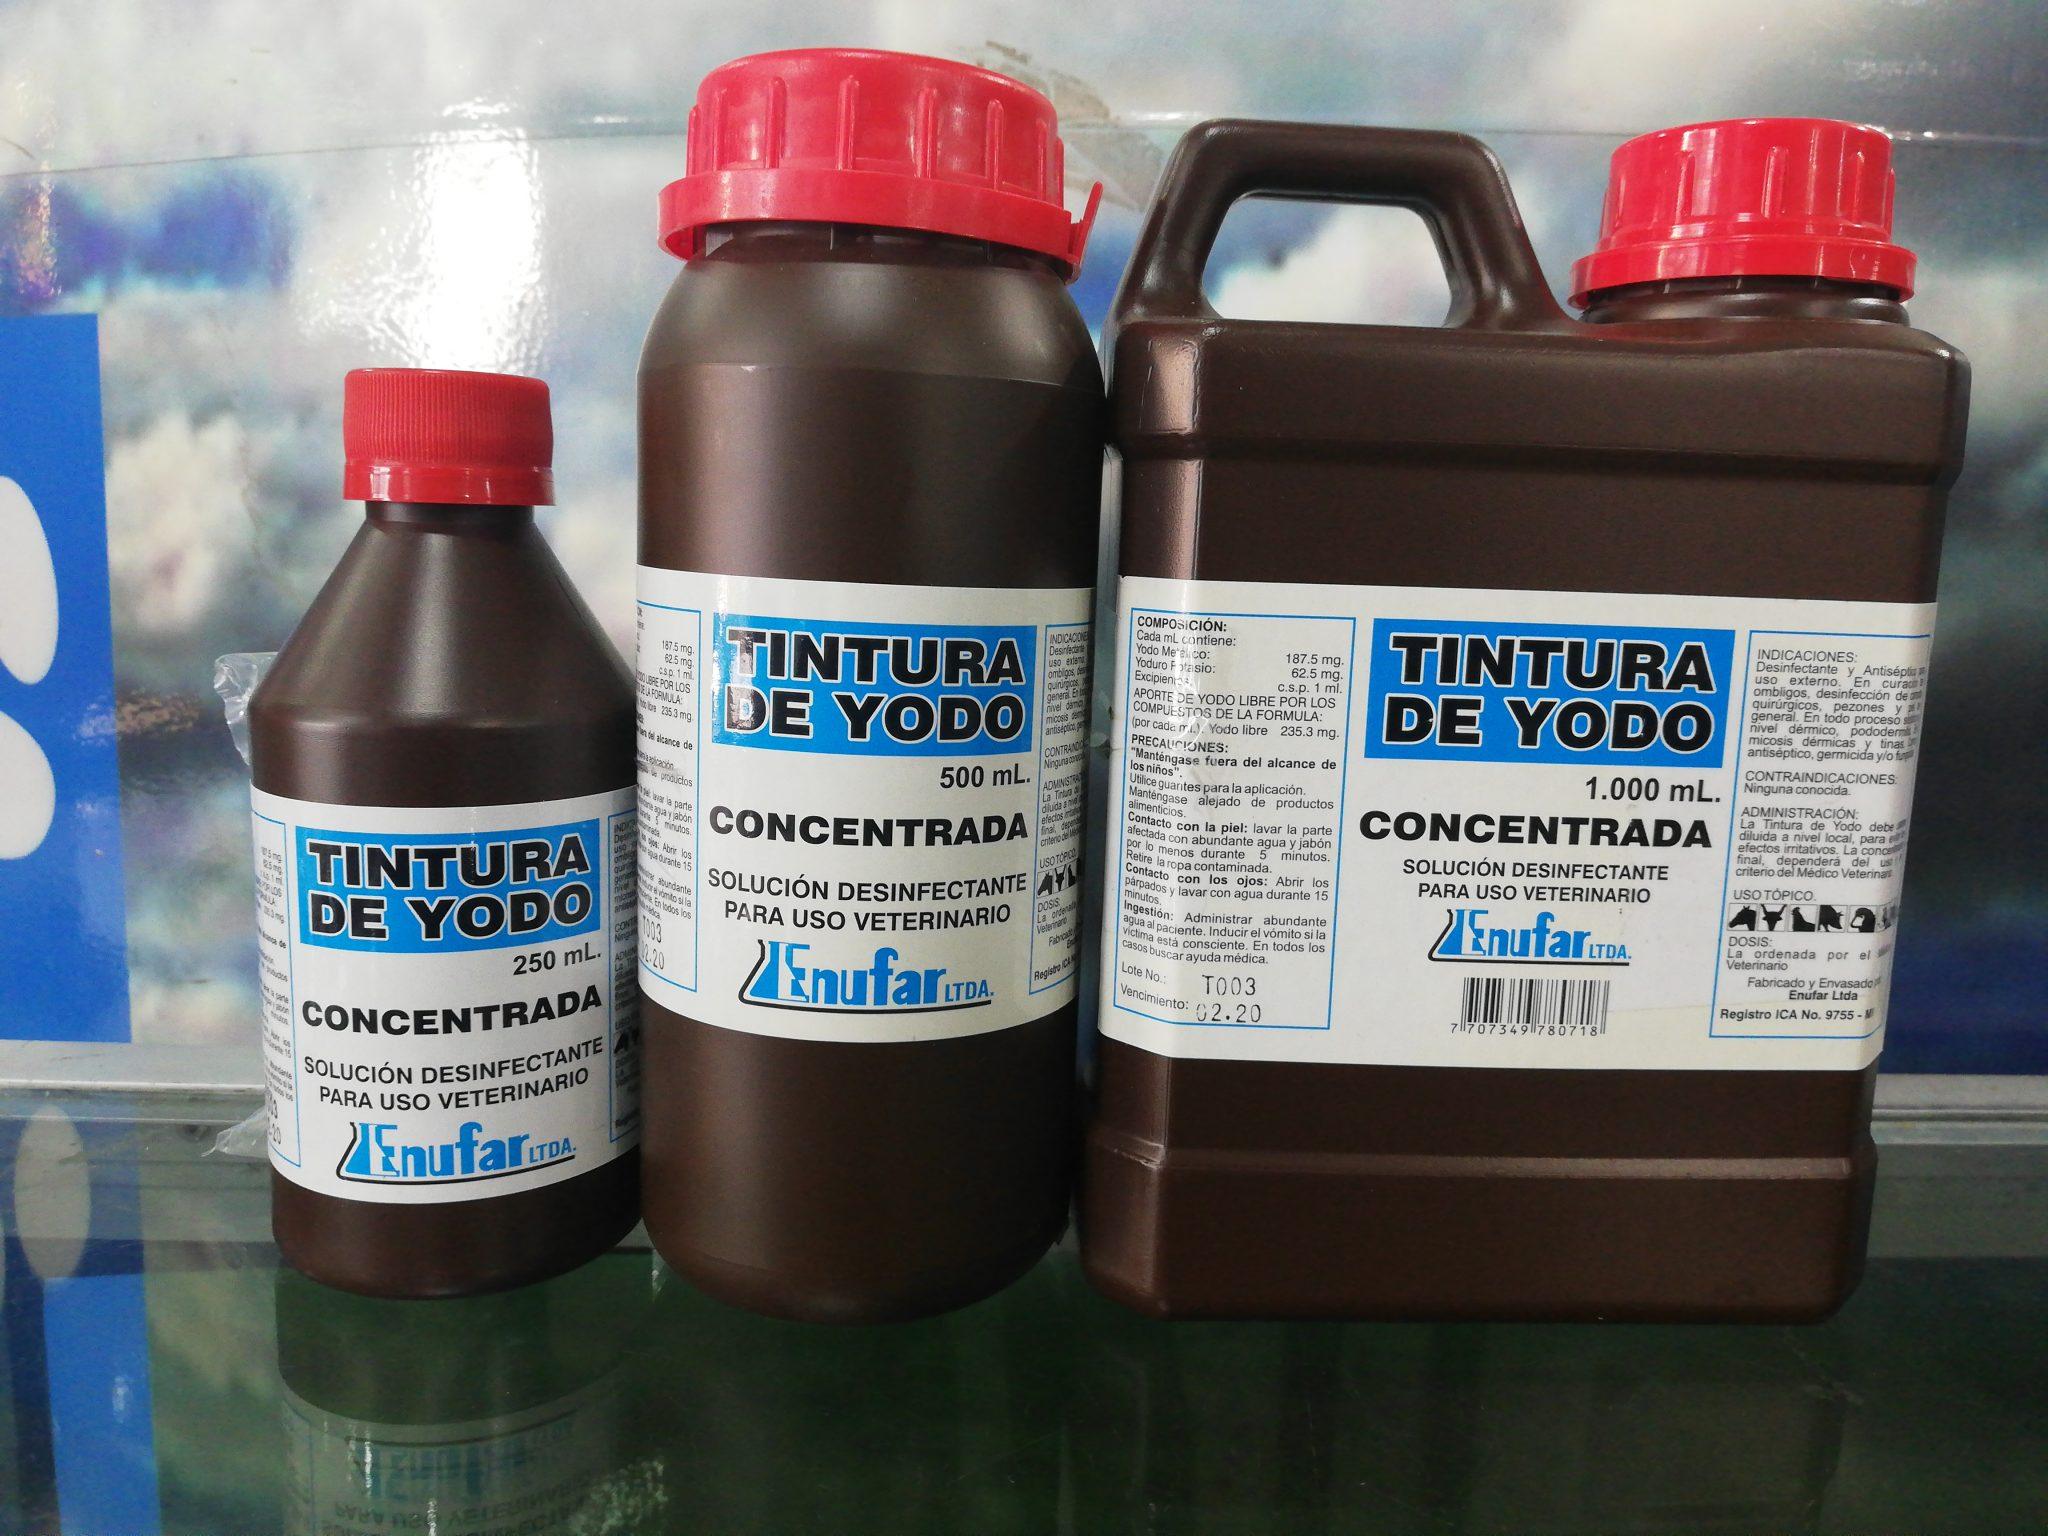 TINTURA DE YODO CONC. X 250 ML